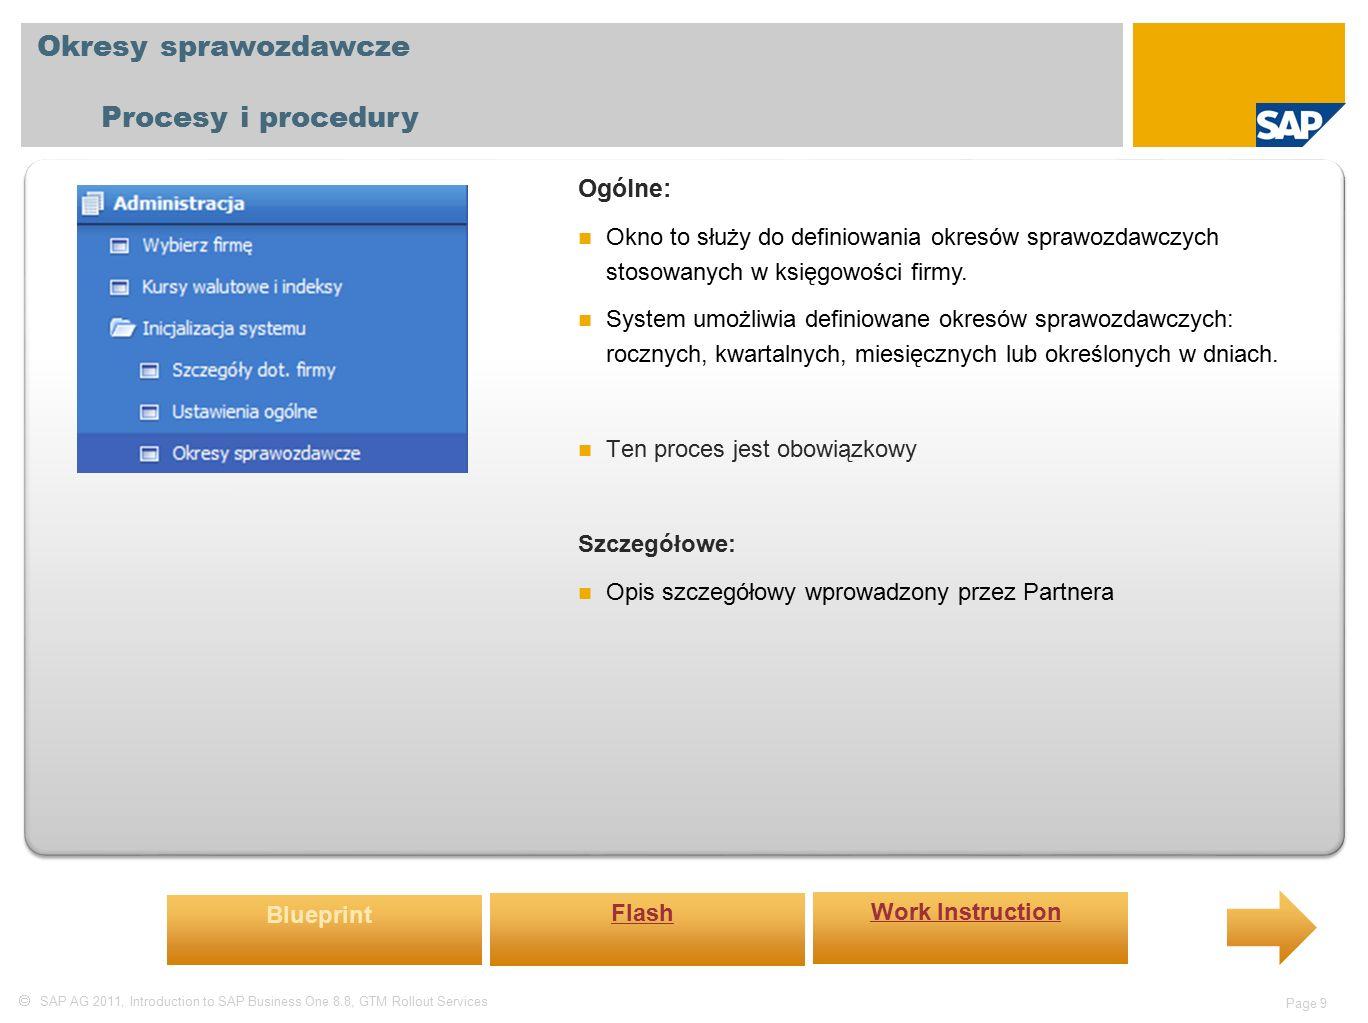  SAP AG 2011, Introduction to SAP Business One 8.8, GTM Rollout Services Page 9 Okresy sprawozdawcze Procesy i procedury Ogólne: Okno to służy do definiowania okresów sprawozdawczych stosowanych w księgowości firmy.